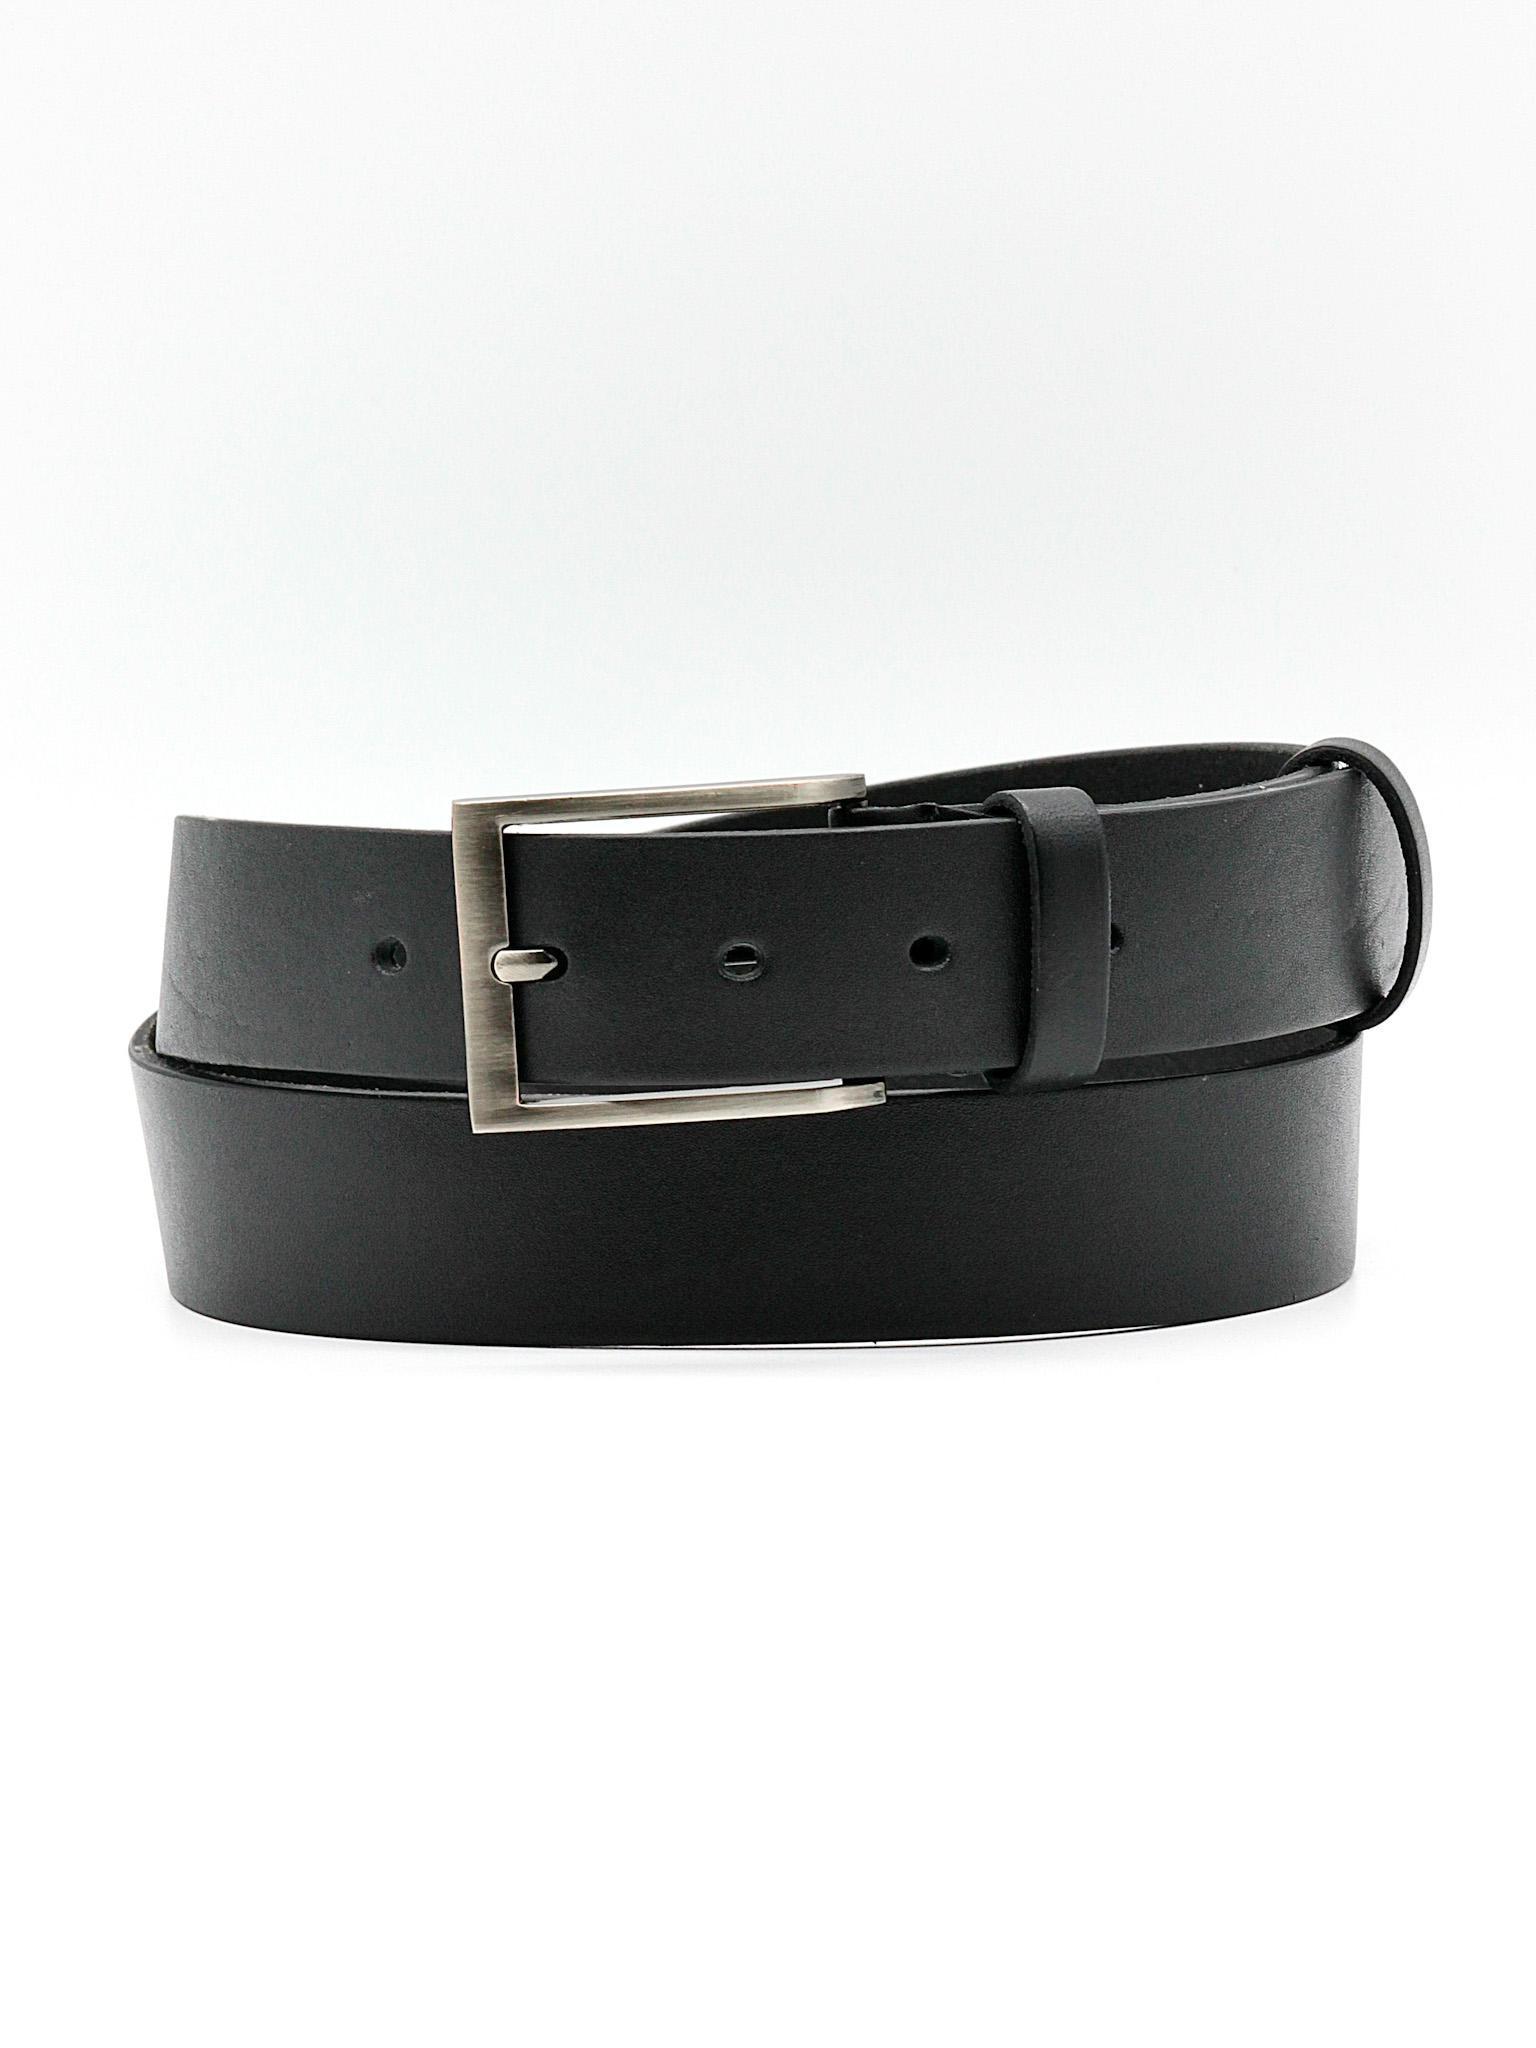 Мужской чёрный брючный ремень из натуральной кожи Doublecity RC33-01-01